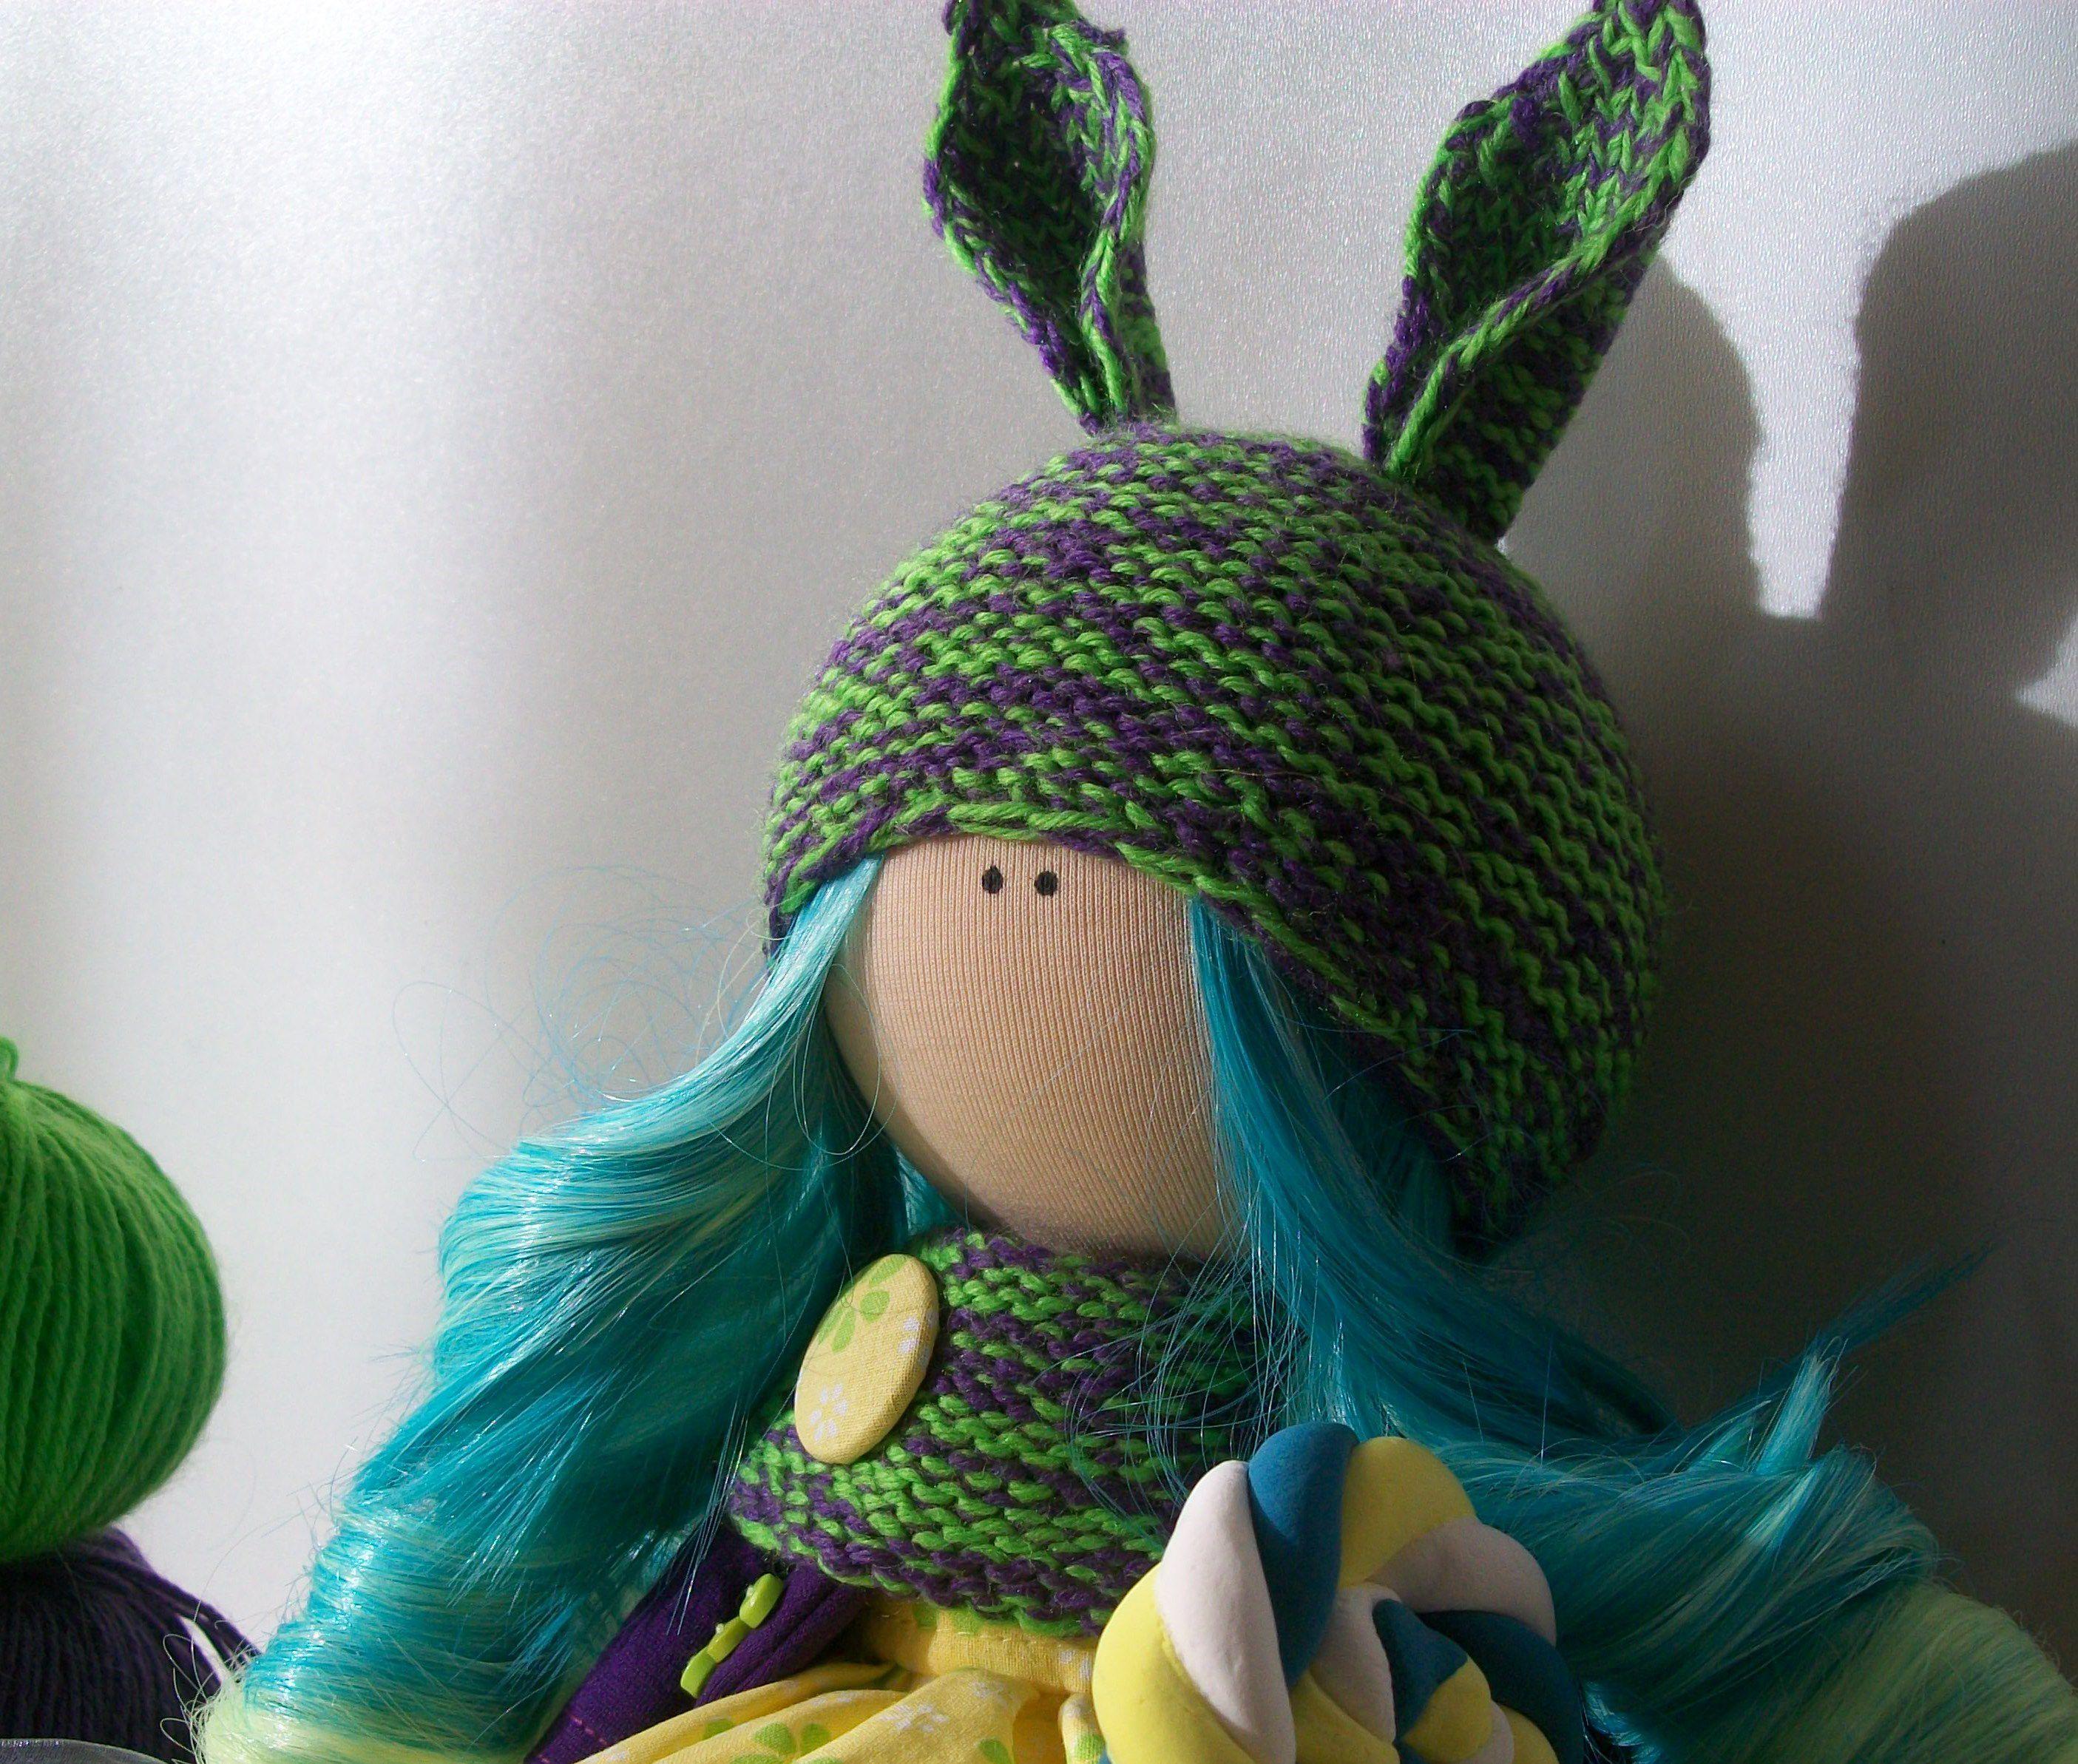 интерьерная игрушка кукла купить подарок текстильная